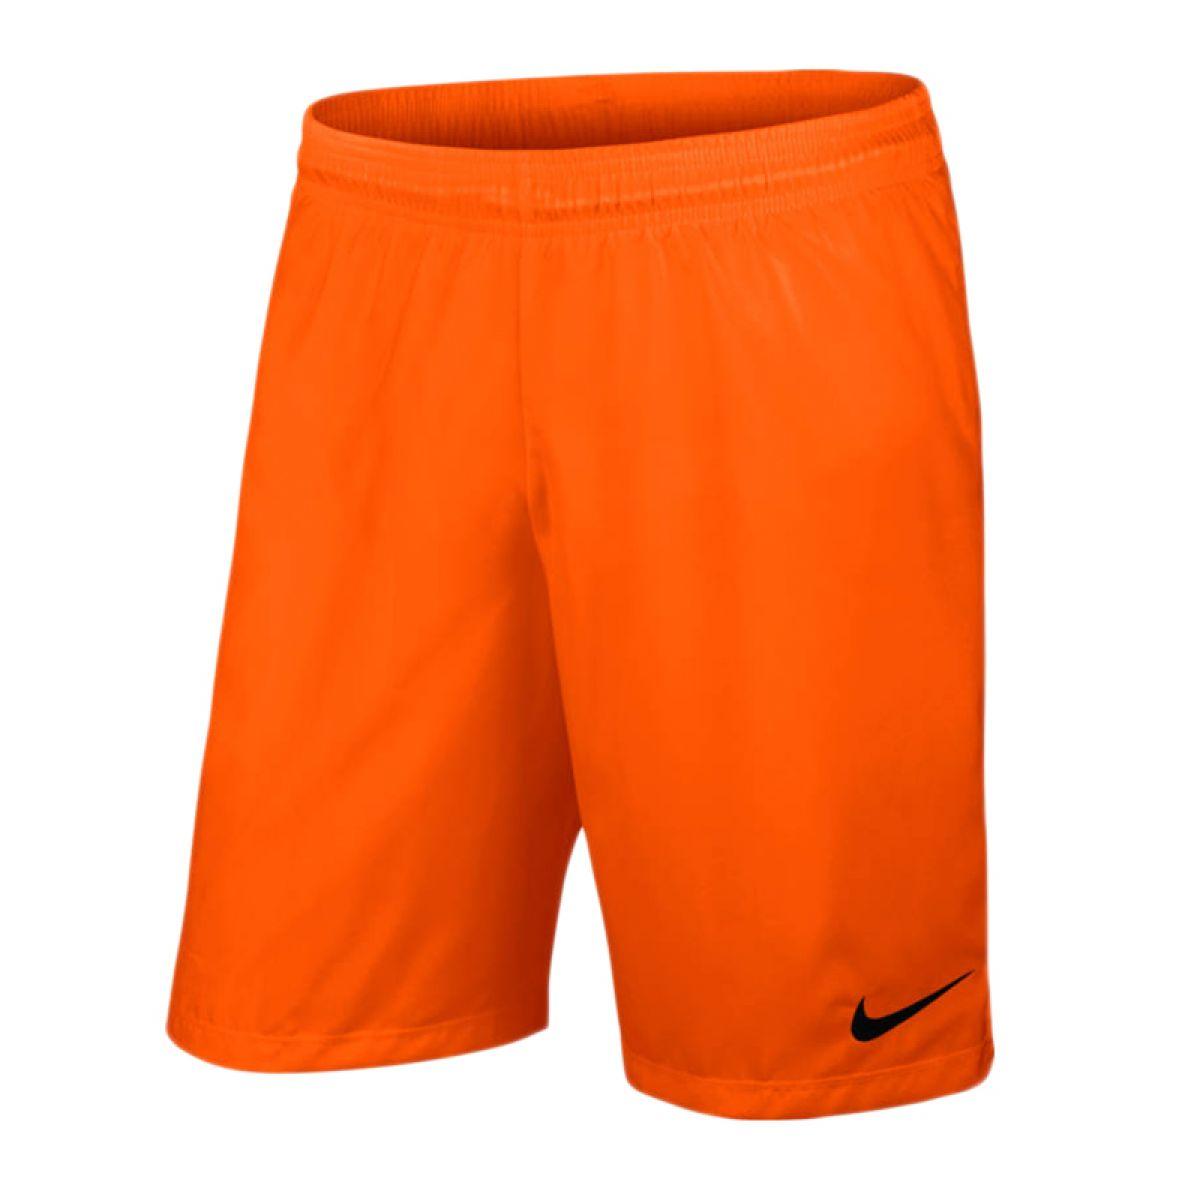 Nike Laser Woven III Orange